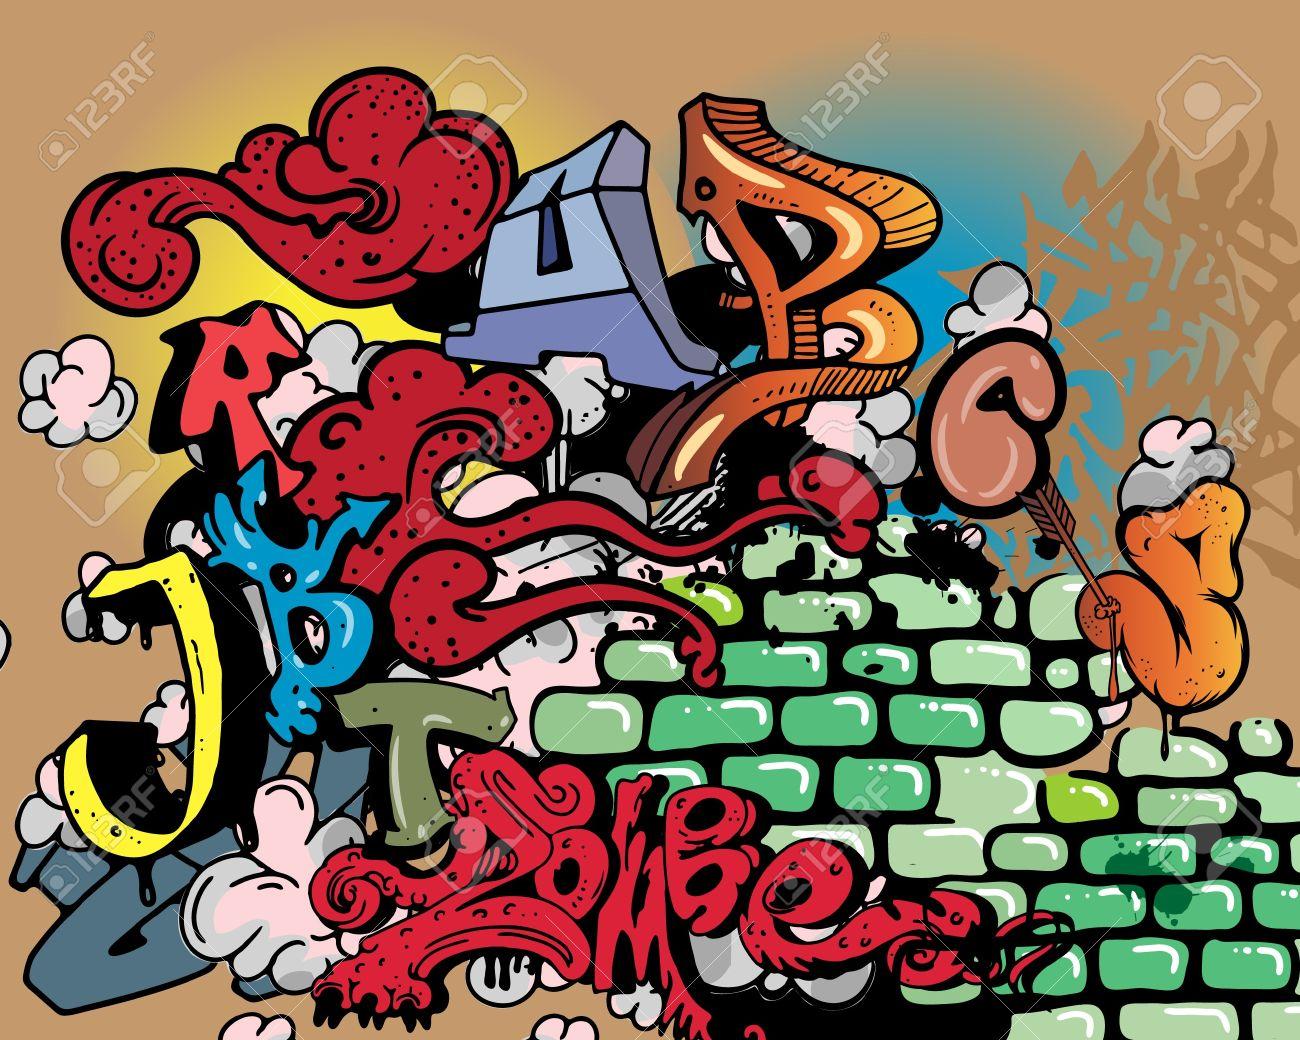 Graffiti wall clipart - Graffiti Wall Stock Vector 10637126